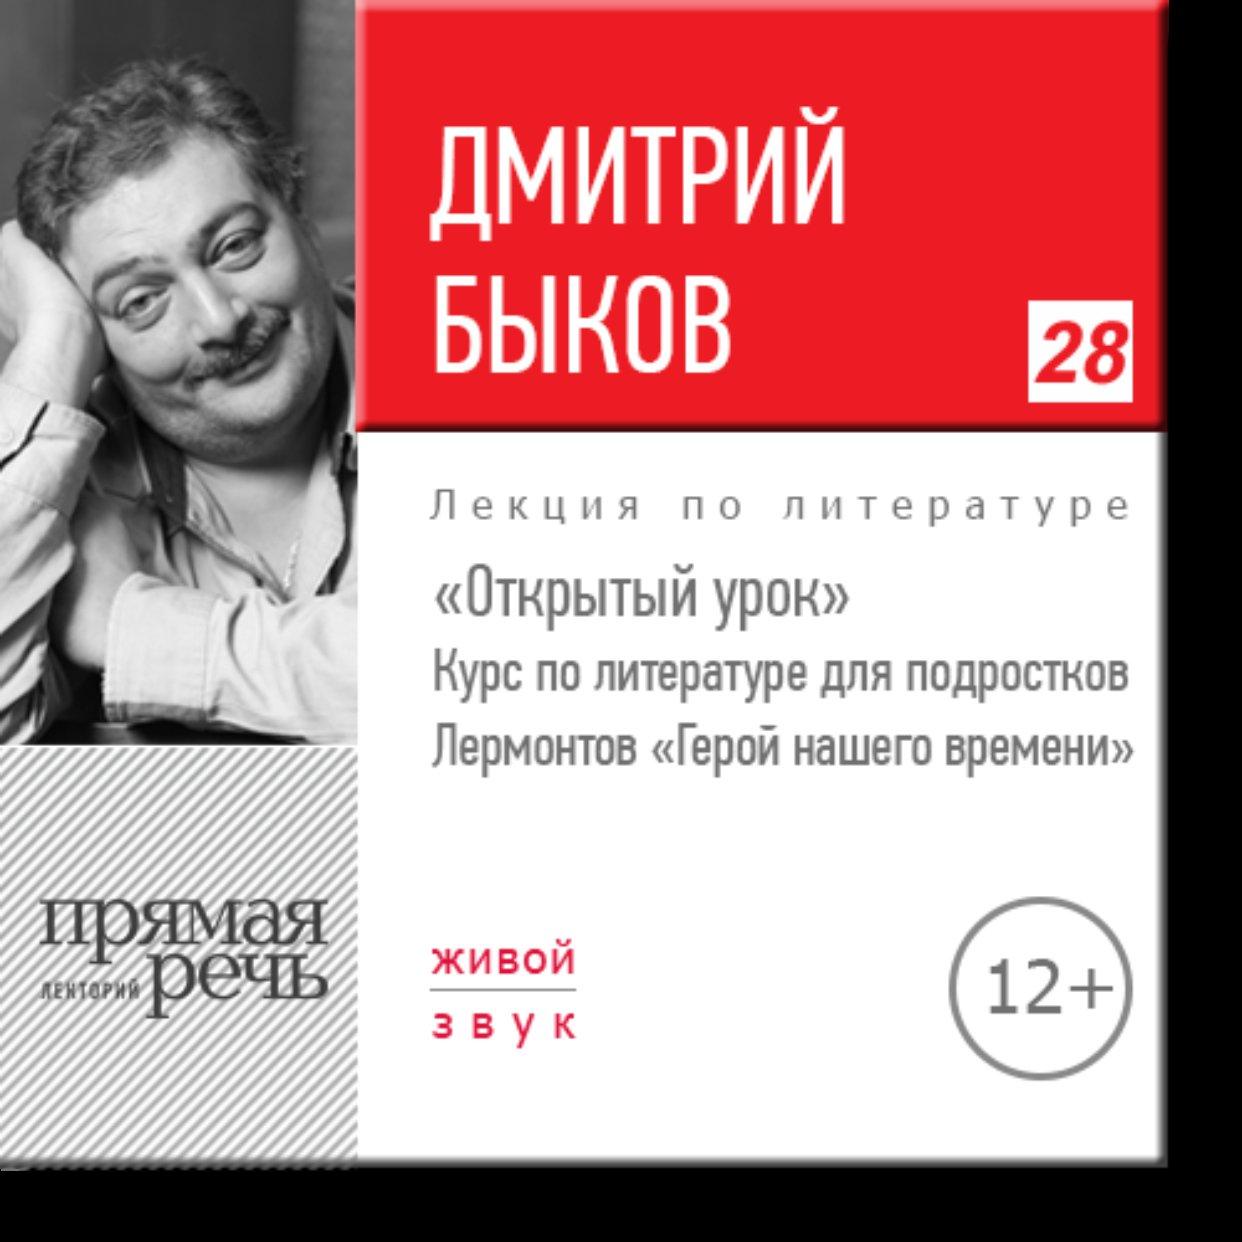 Открытый урок: М. Лермонтов «Герой нашего времени» (март 2017)